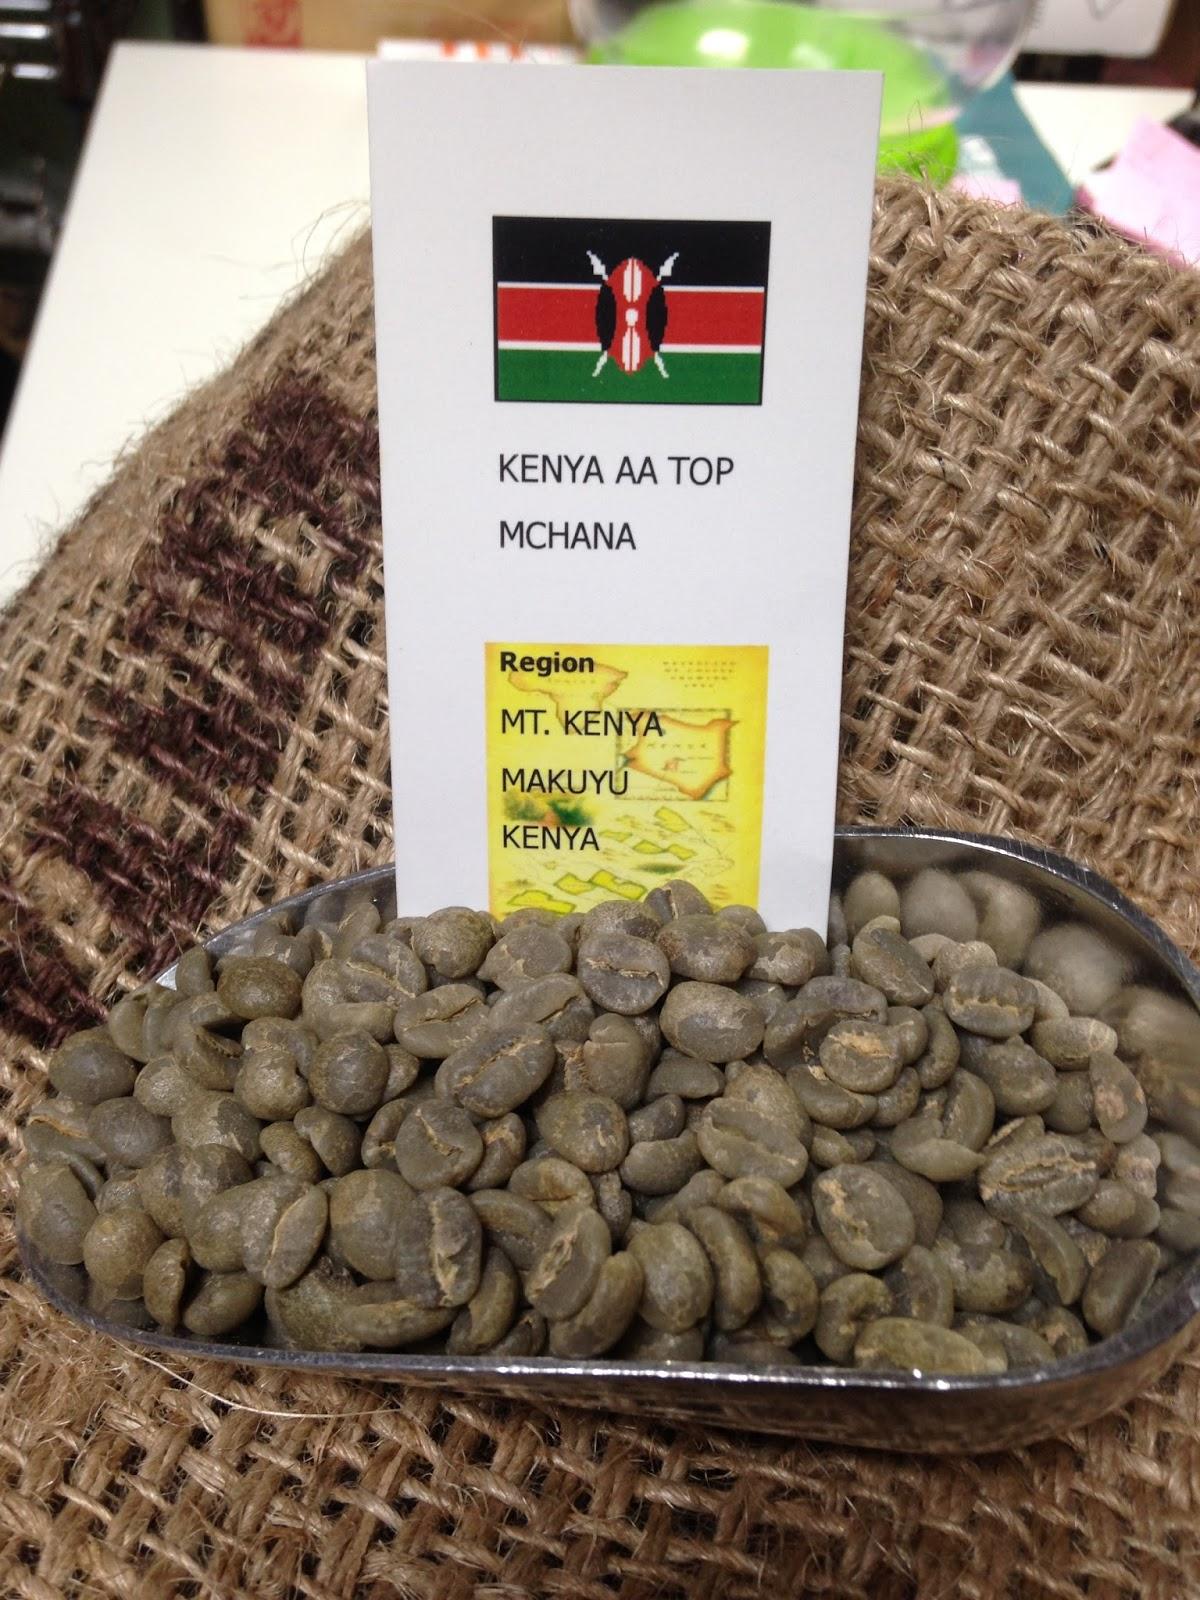 韋克精品咖啡: 肯亞姆恰娜莊園頂級AA (Kenya AA TOP Muchana Estate)